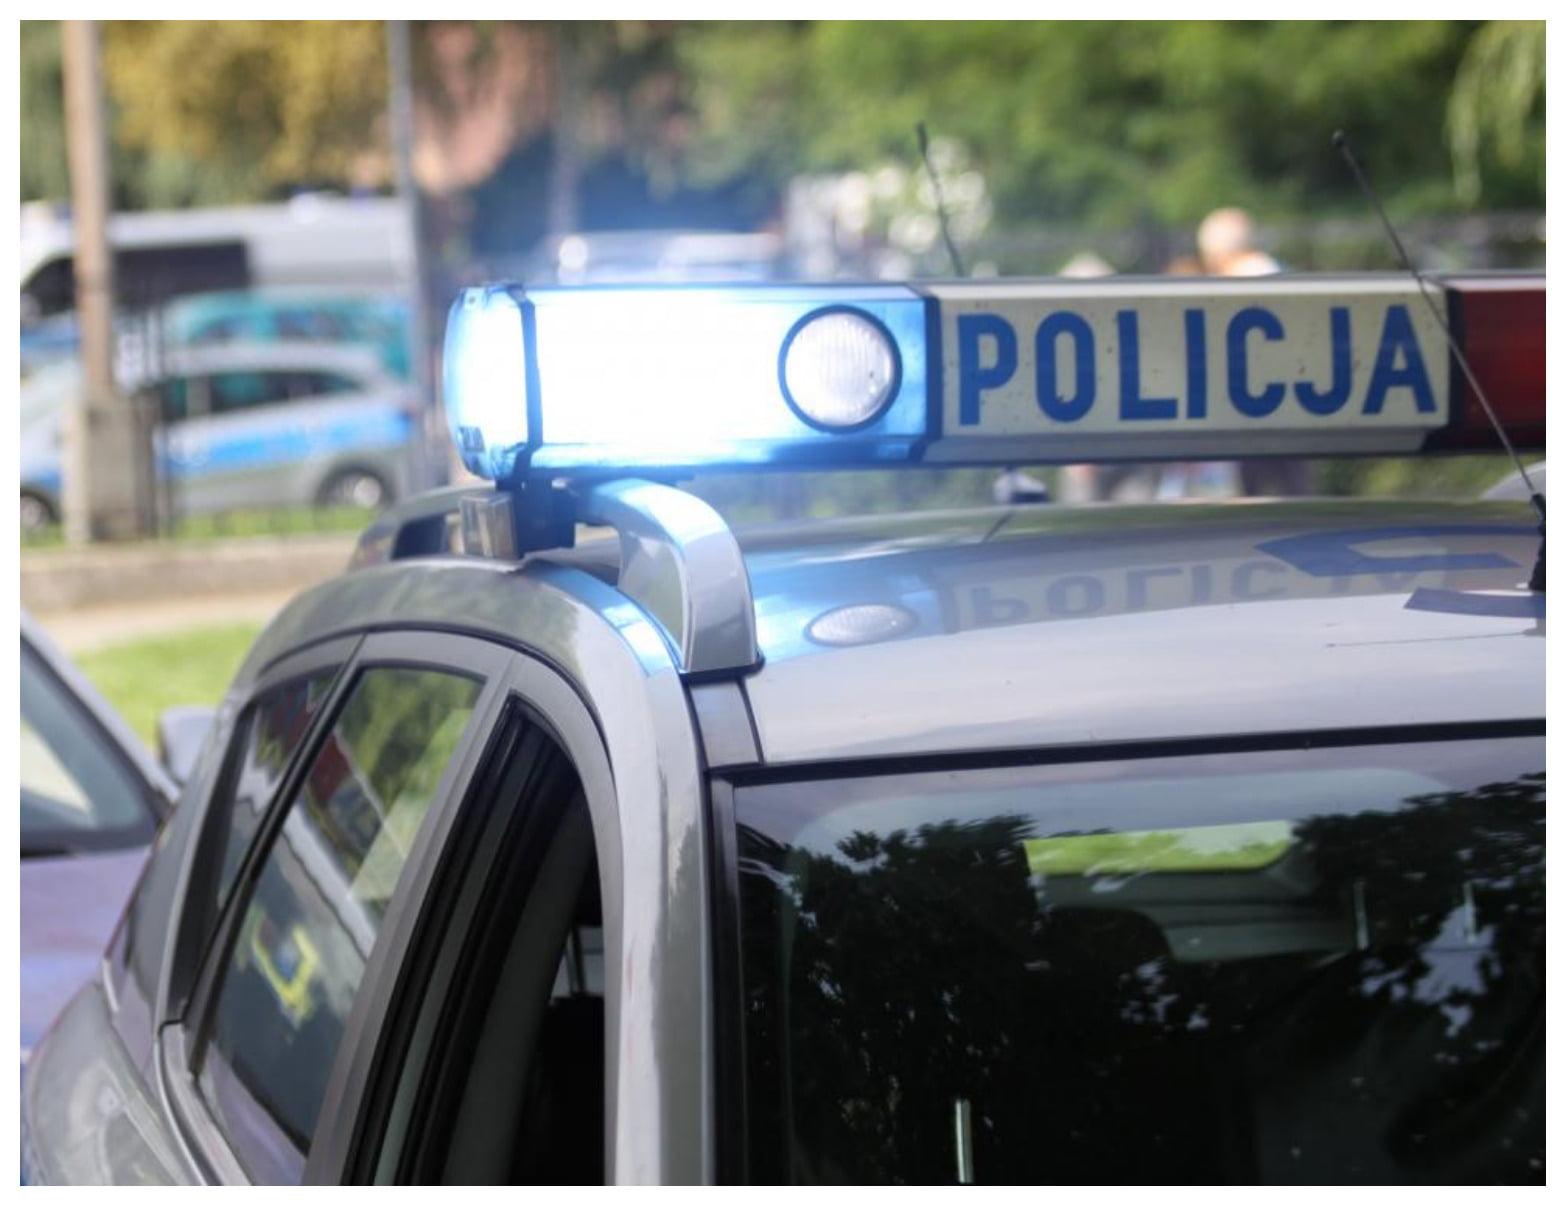 2020-04-16 Oświęcim Mieszkanka Oświęcimia pomogła zagubionej seniorce, policjanci odwieźli ją do domu Komenda Po[...]